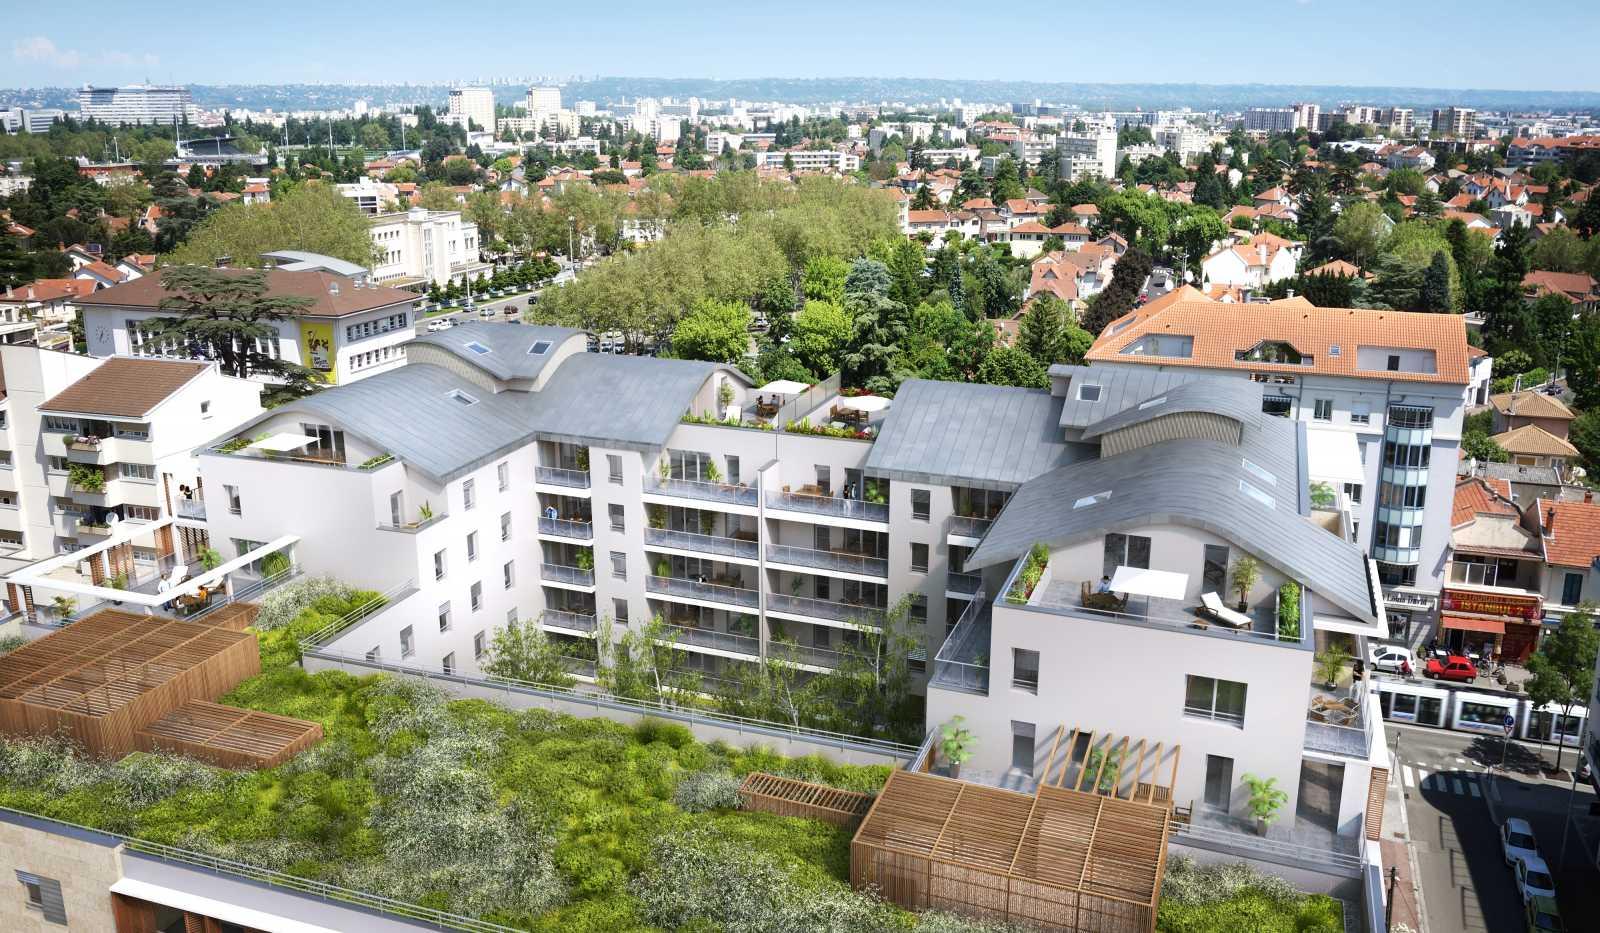 L 39 atrium sier constructeur immobilier lyon promoteur for Constructeur immobilier